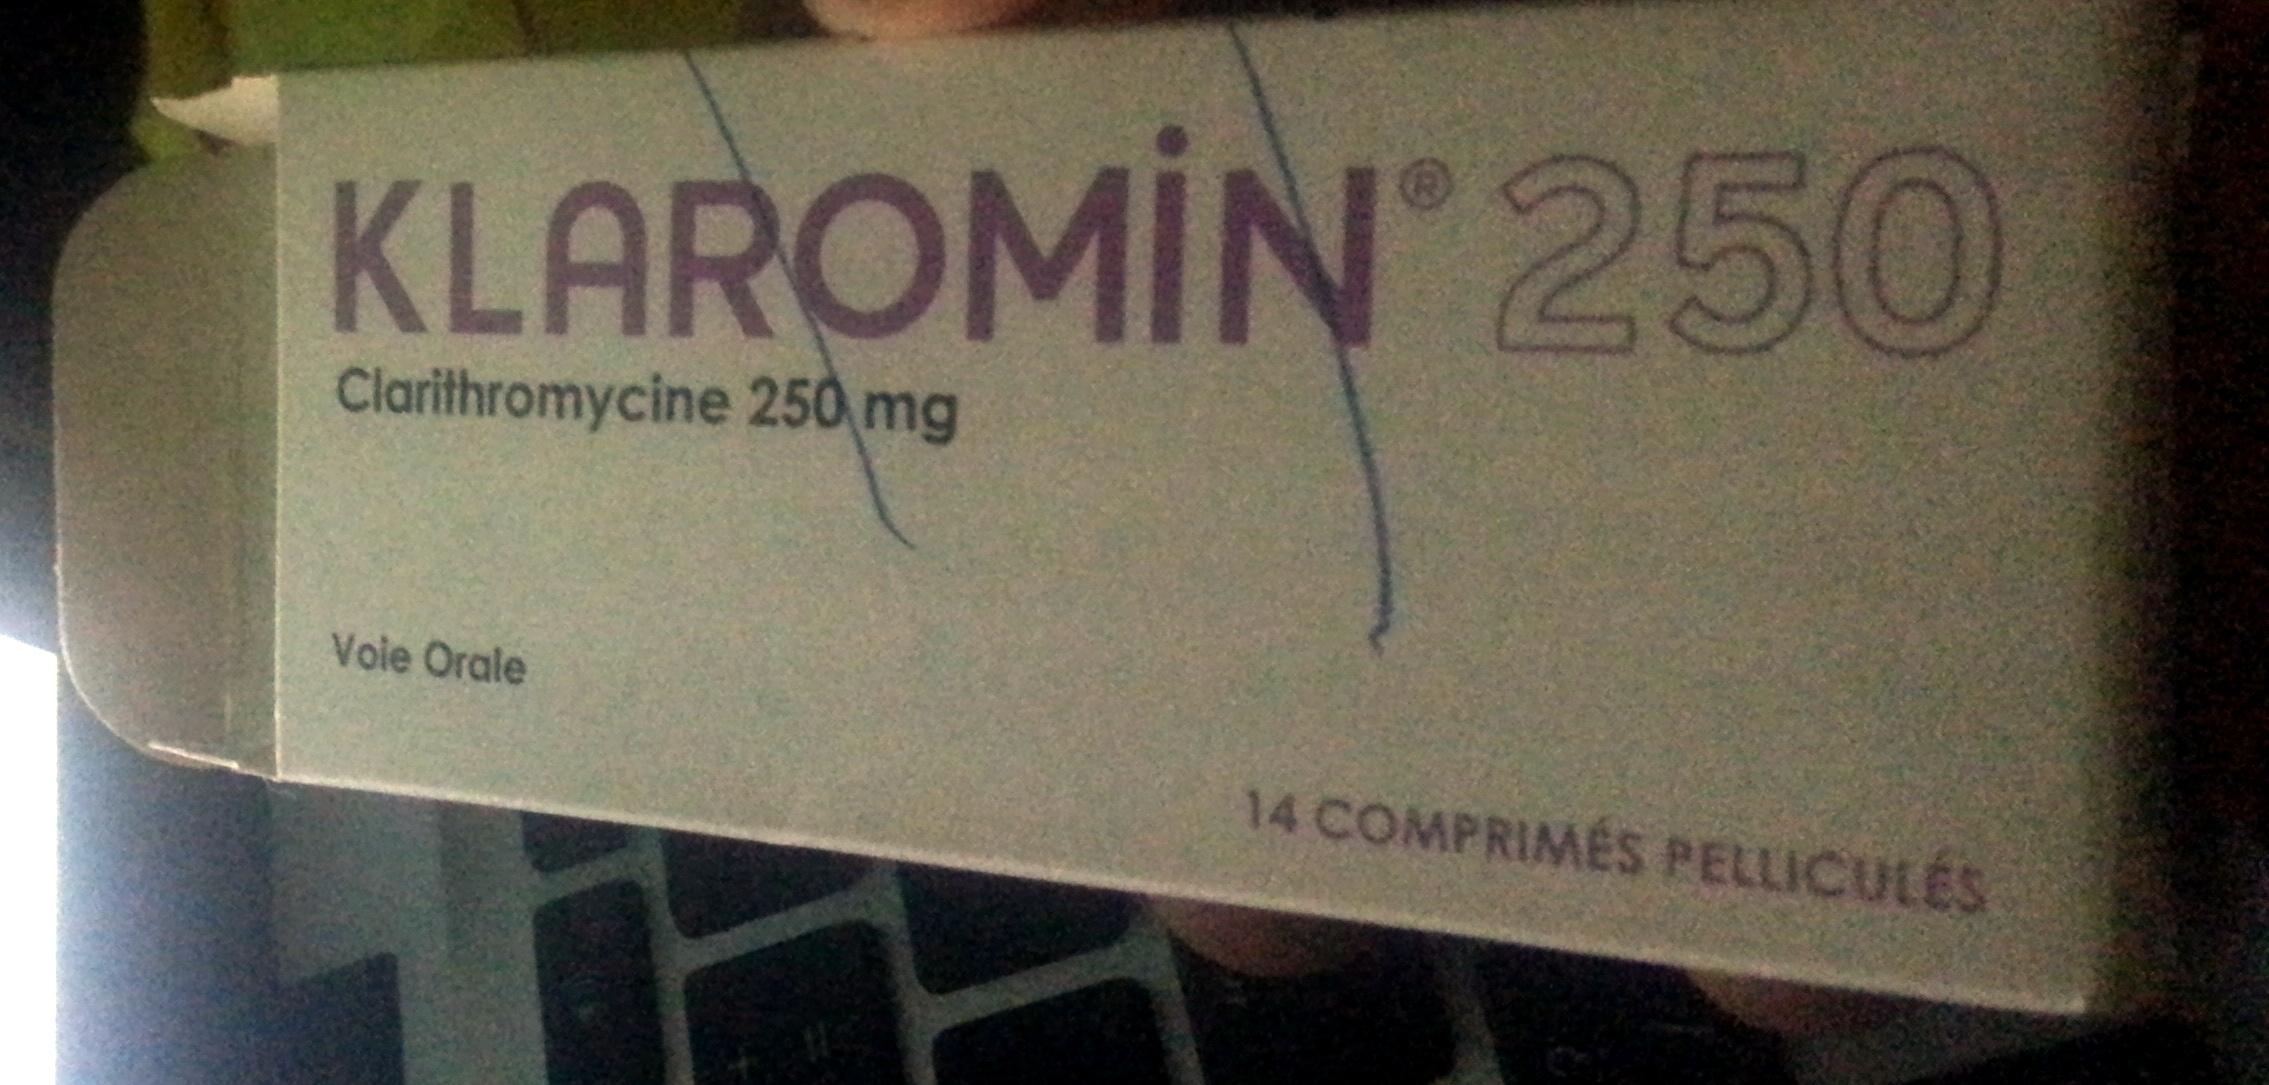 Klaromin 250 - Product - fr